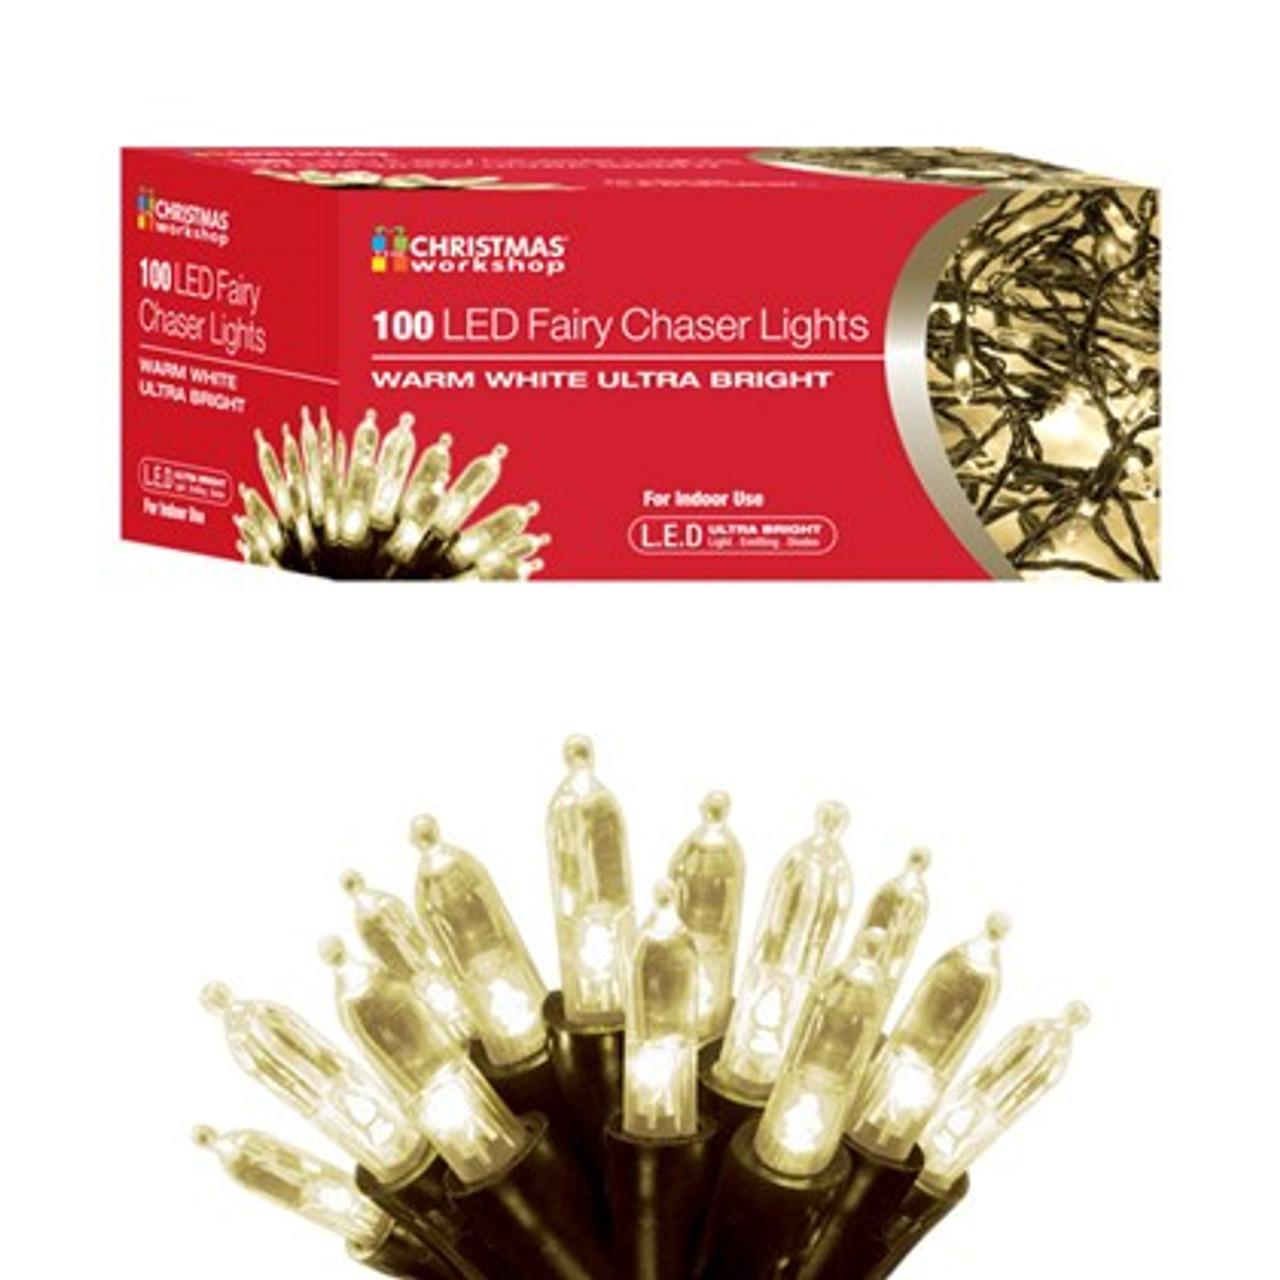 100 LED Fairy Chaser Lights - Warm White